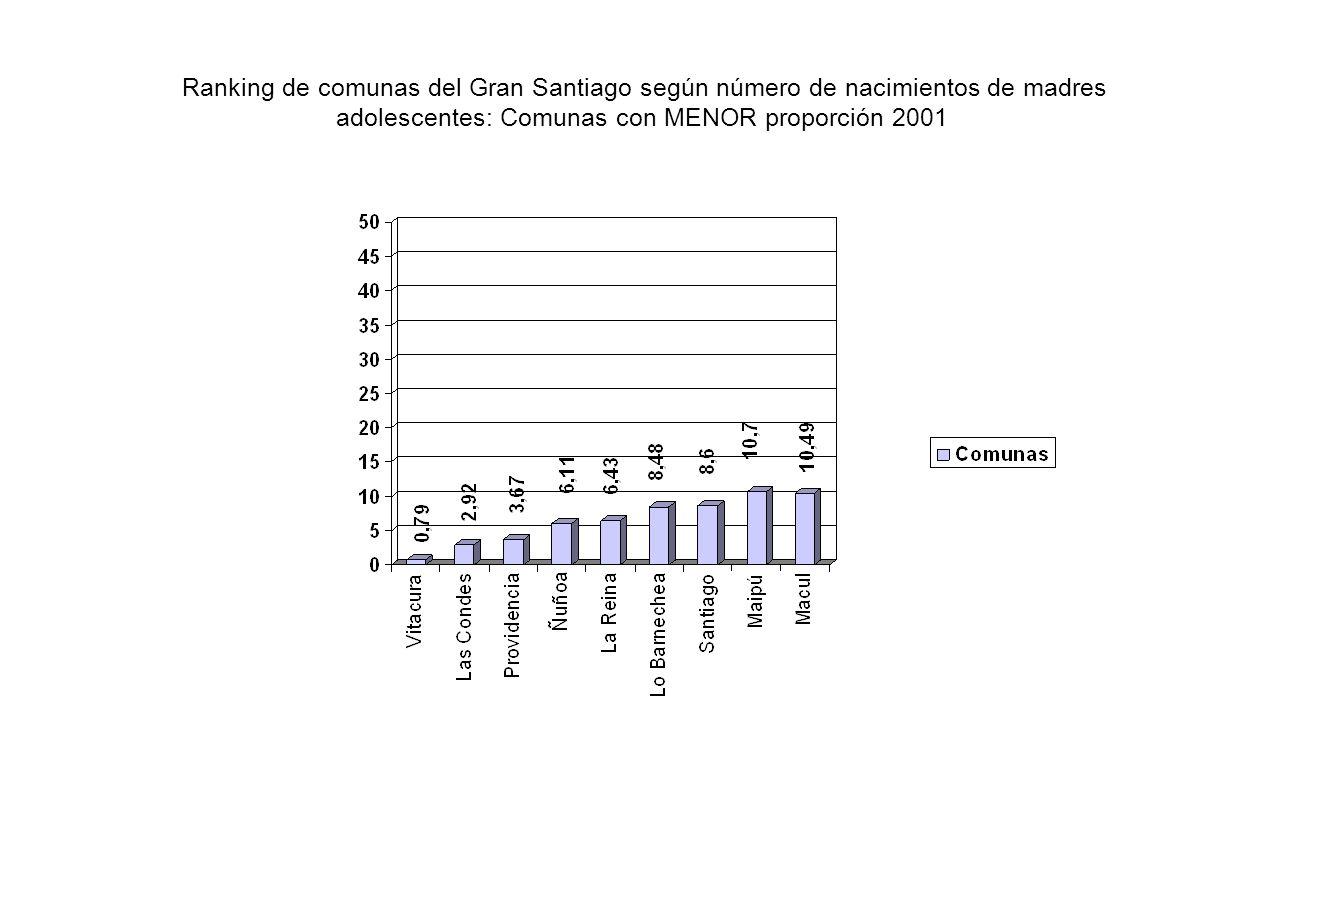 Ranking de comunas del Gran Santiago según número de nacimientos de madres adolescentes: Comunas con MENOR proporción 2001